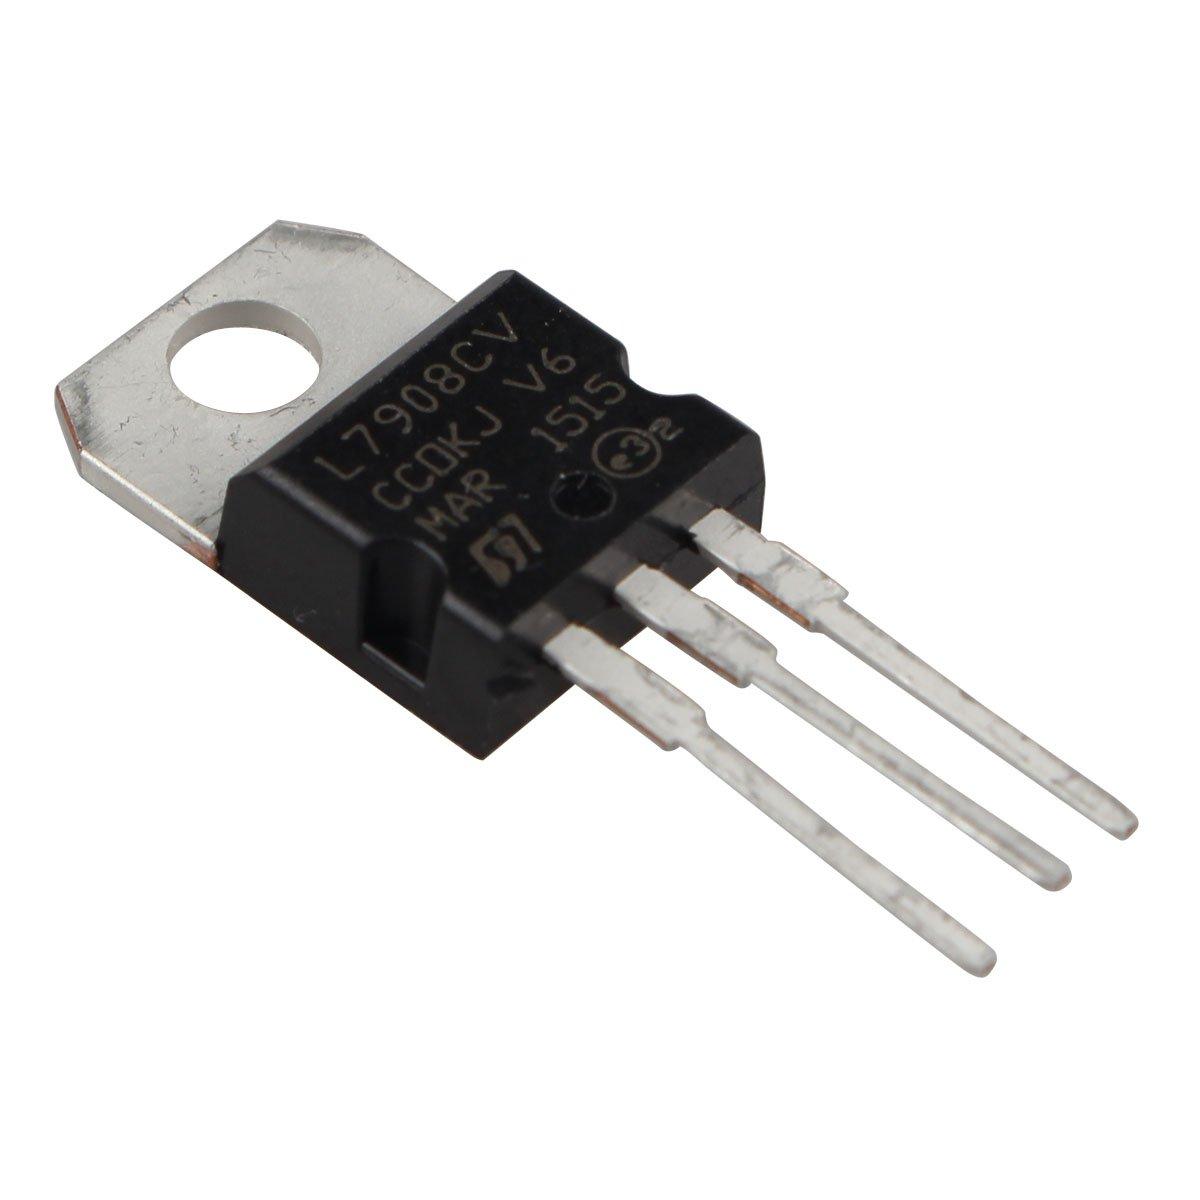 Haljia Triode Voltage Regulator L7805 7806 7809 7808 9 V Using Electronics